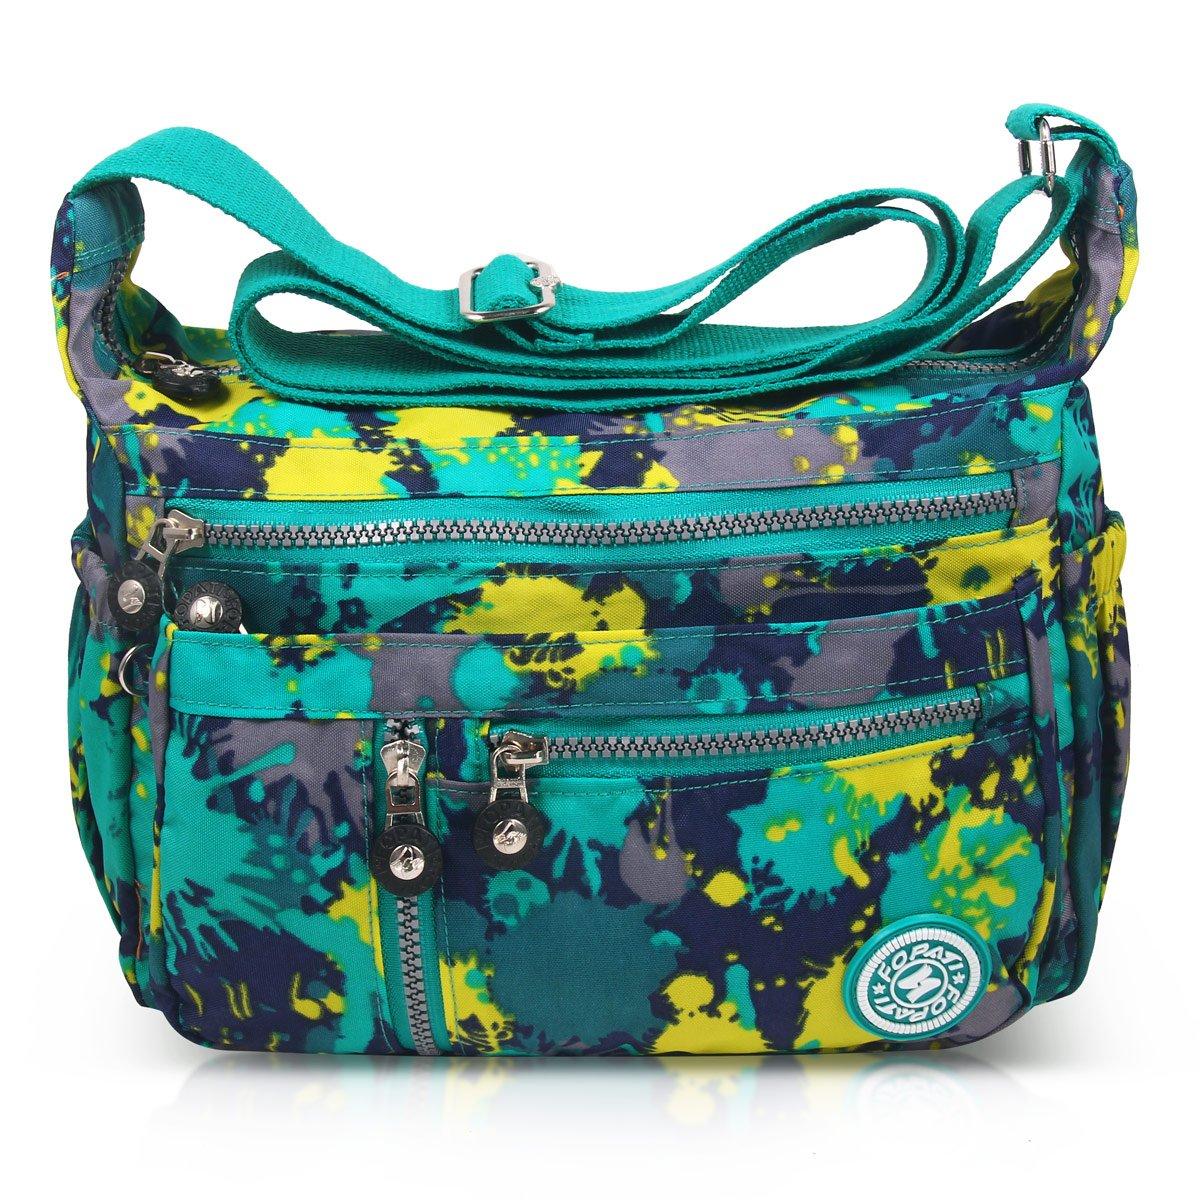 ABLE Mujer Bolsos de Moda Impermeable Mochilas Bolsas de Viaje Bolso Bandolera Sport Messenger Bag Bolsos Baratos Mano para Tablet Escolares Nylon (0-Calla flores)